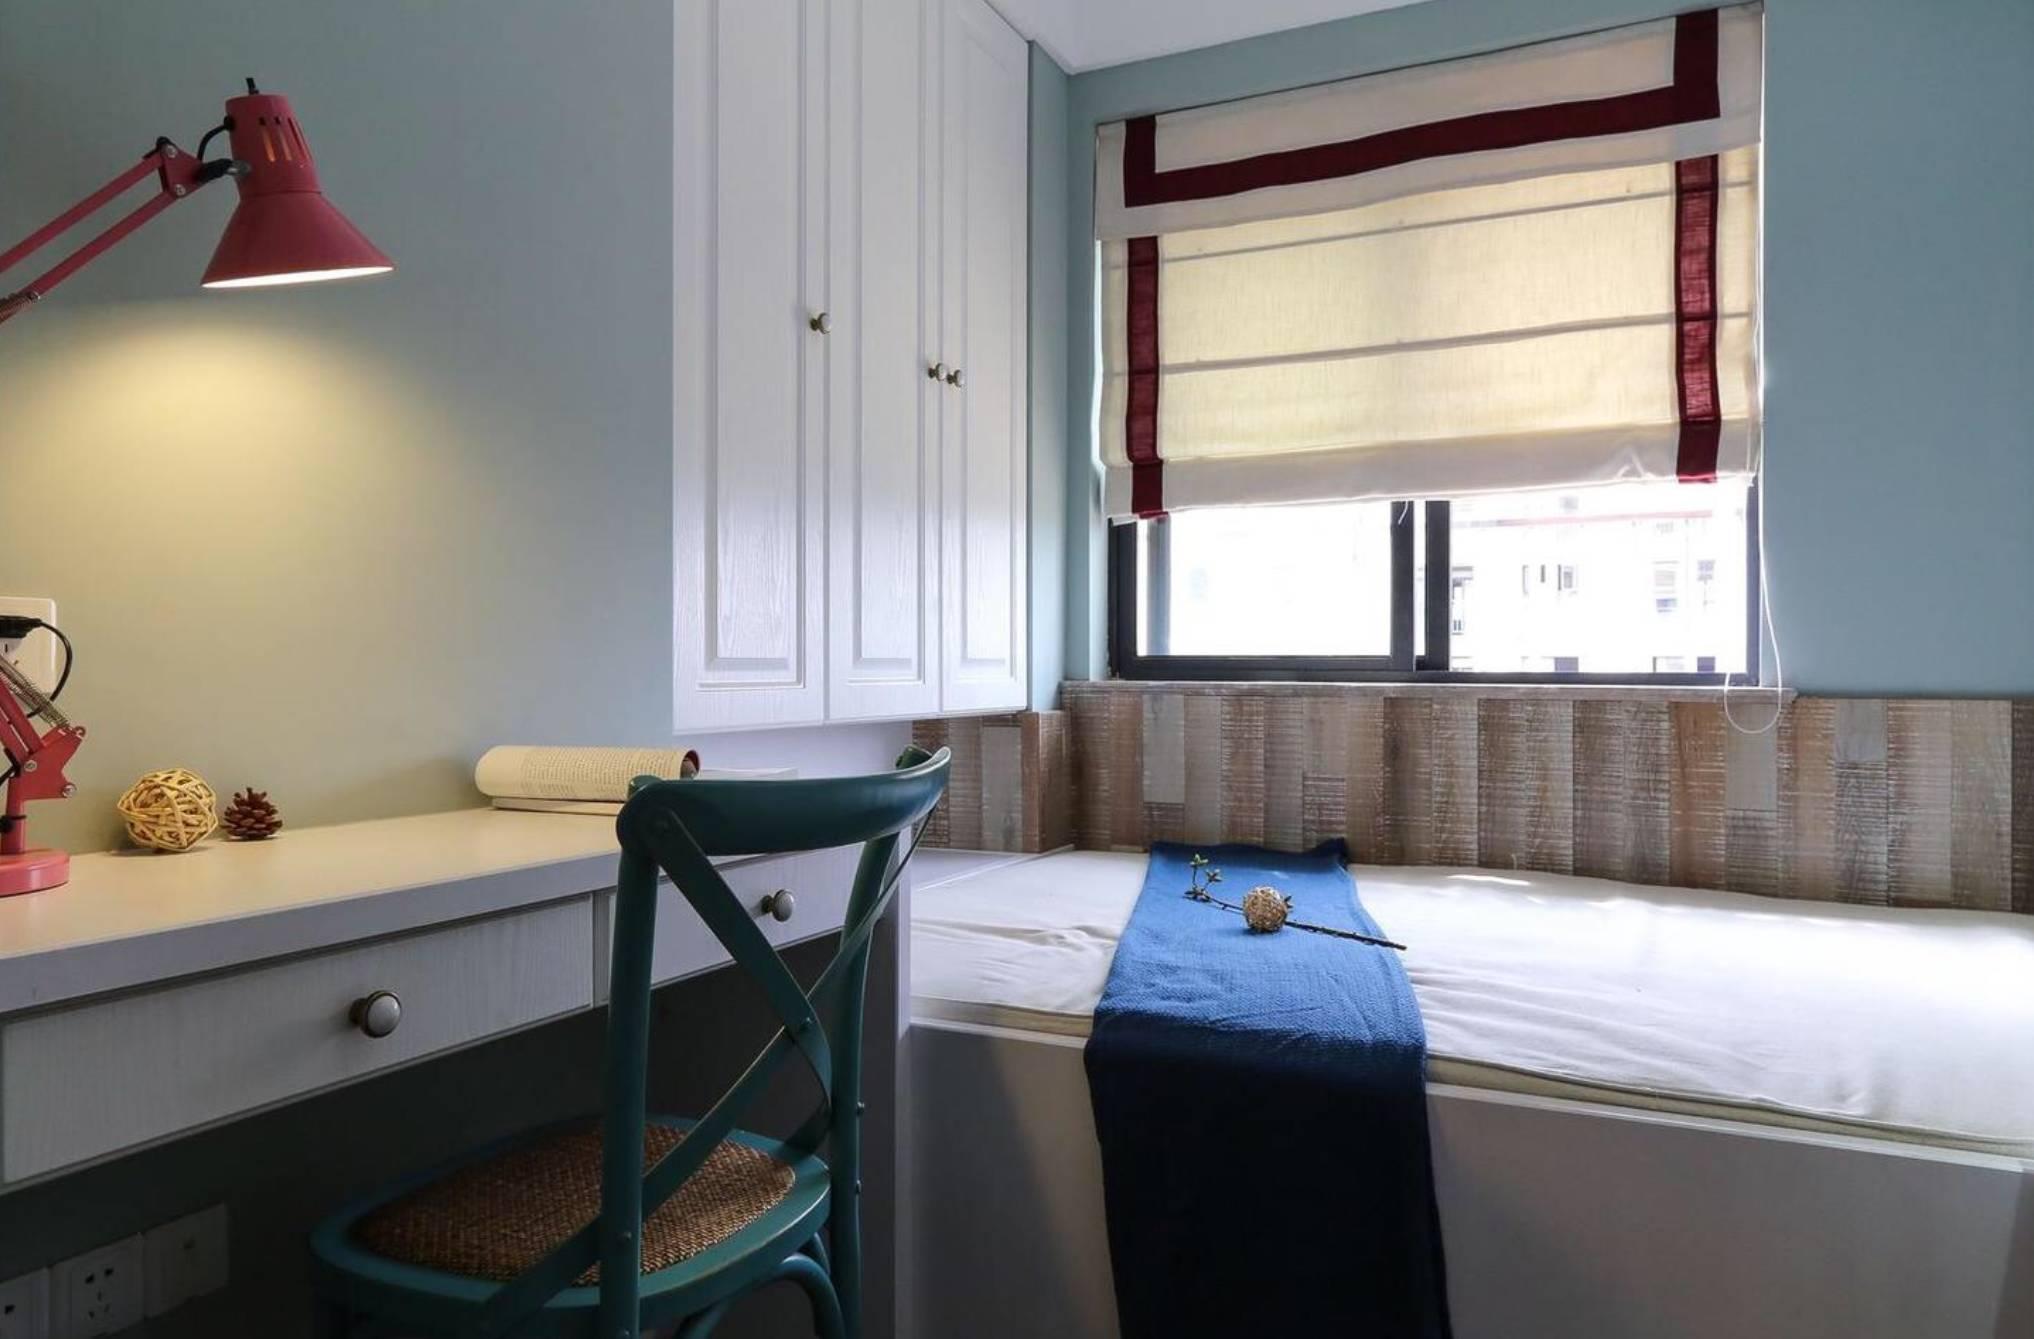 三居室简约美式榻榻米书房装修效果图